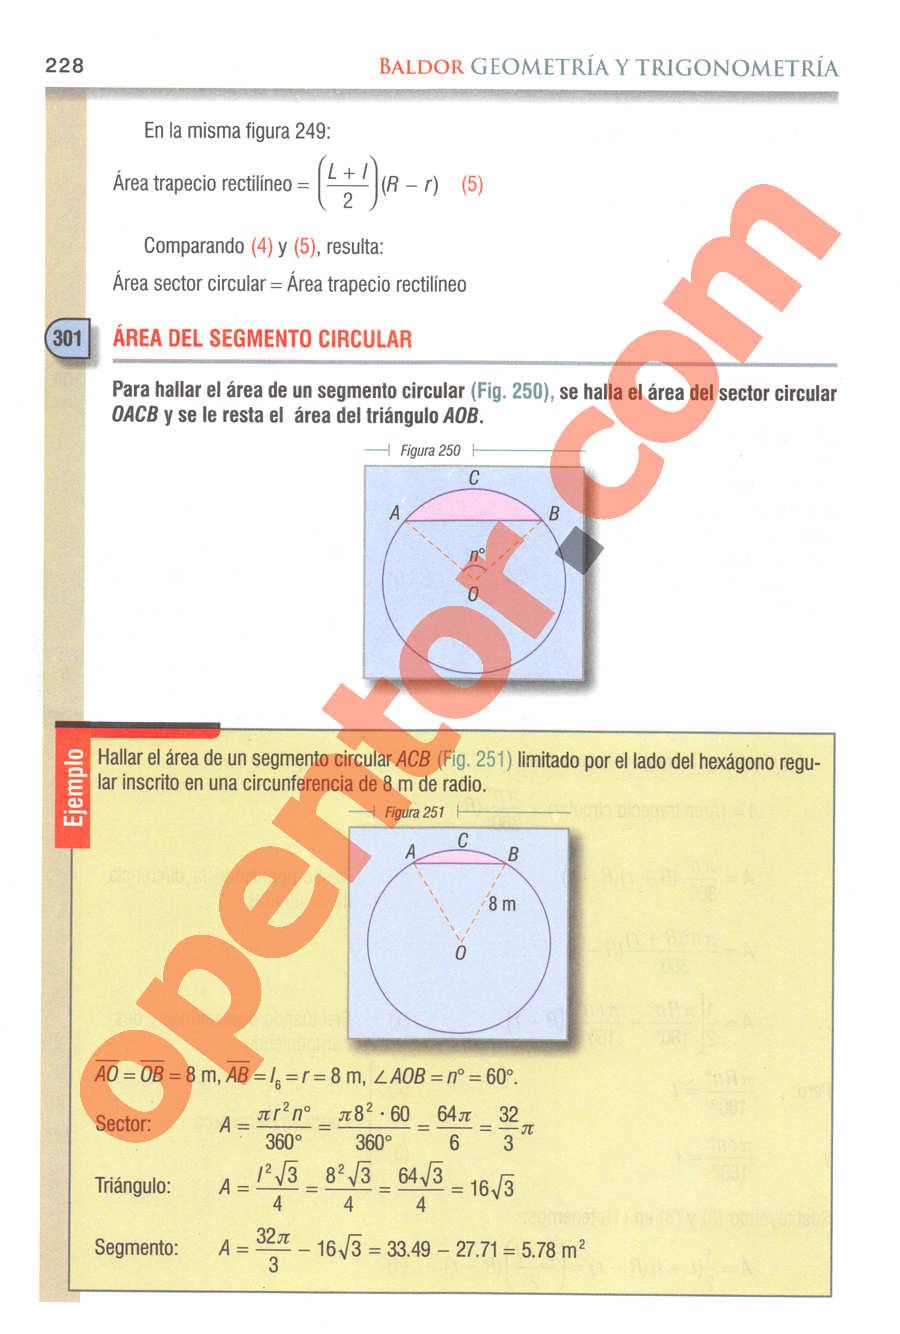 Geometría y Trigonometría de Baldor - Página 228